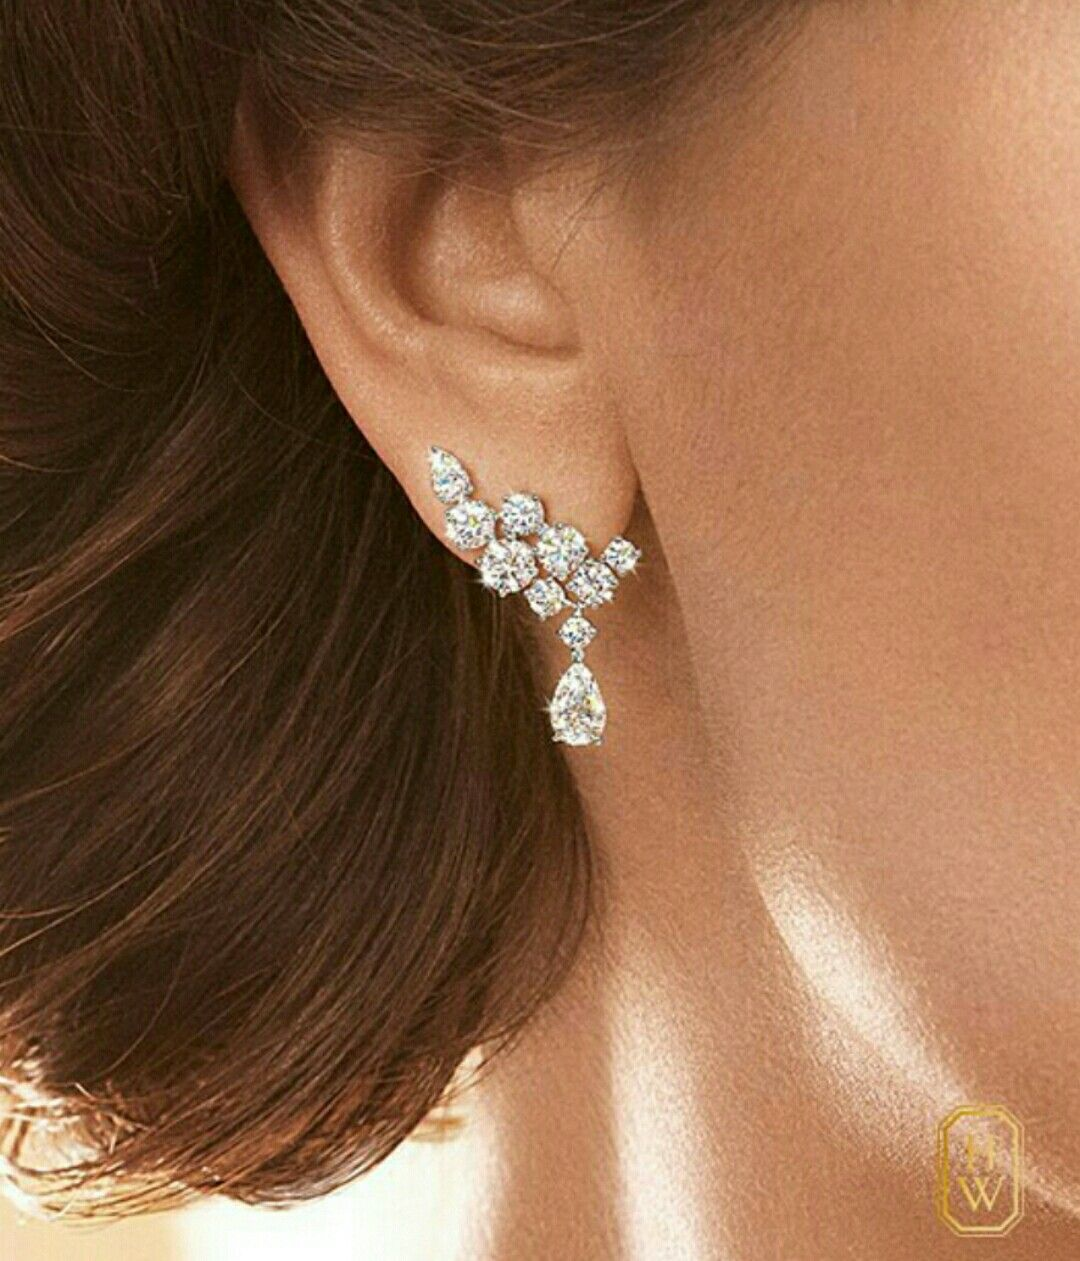 8d70525388 Dazzling yet simple | Bijoux | Jewelry, Earrings, Diamond earrings